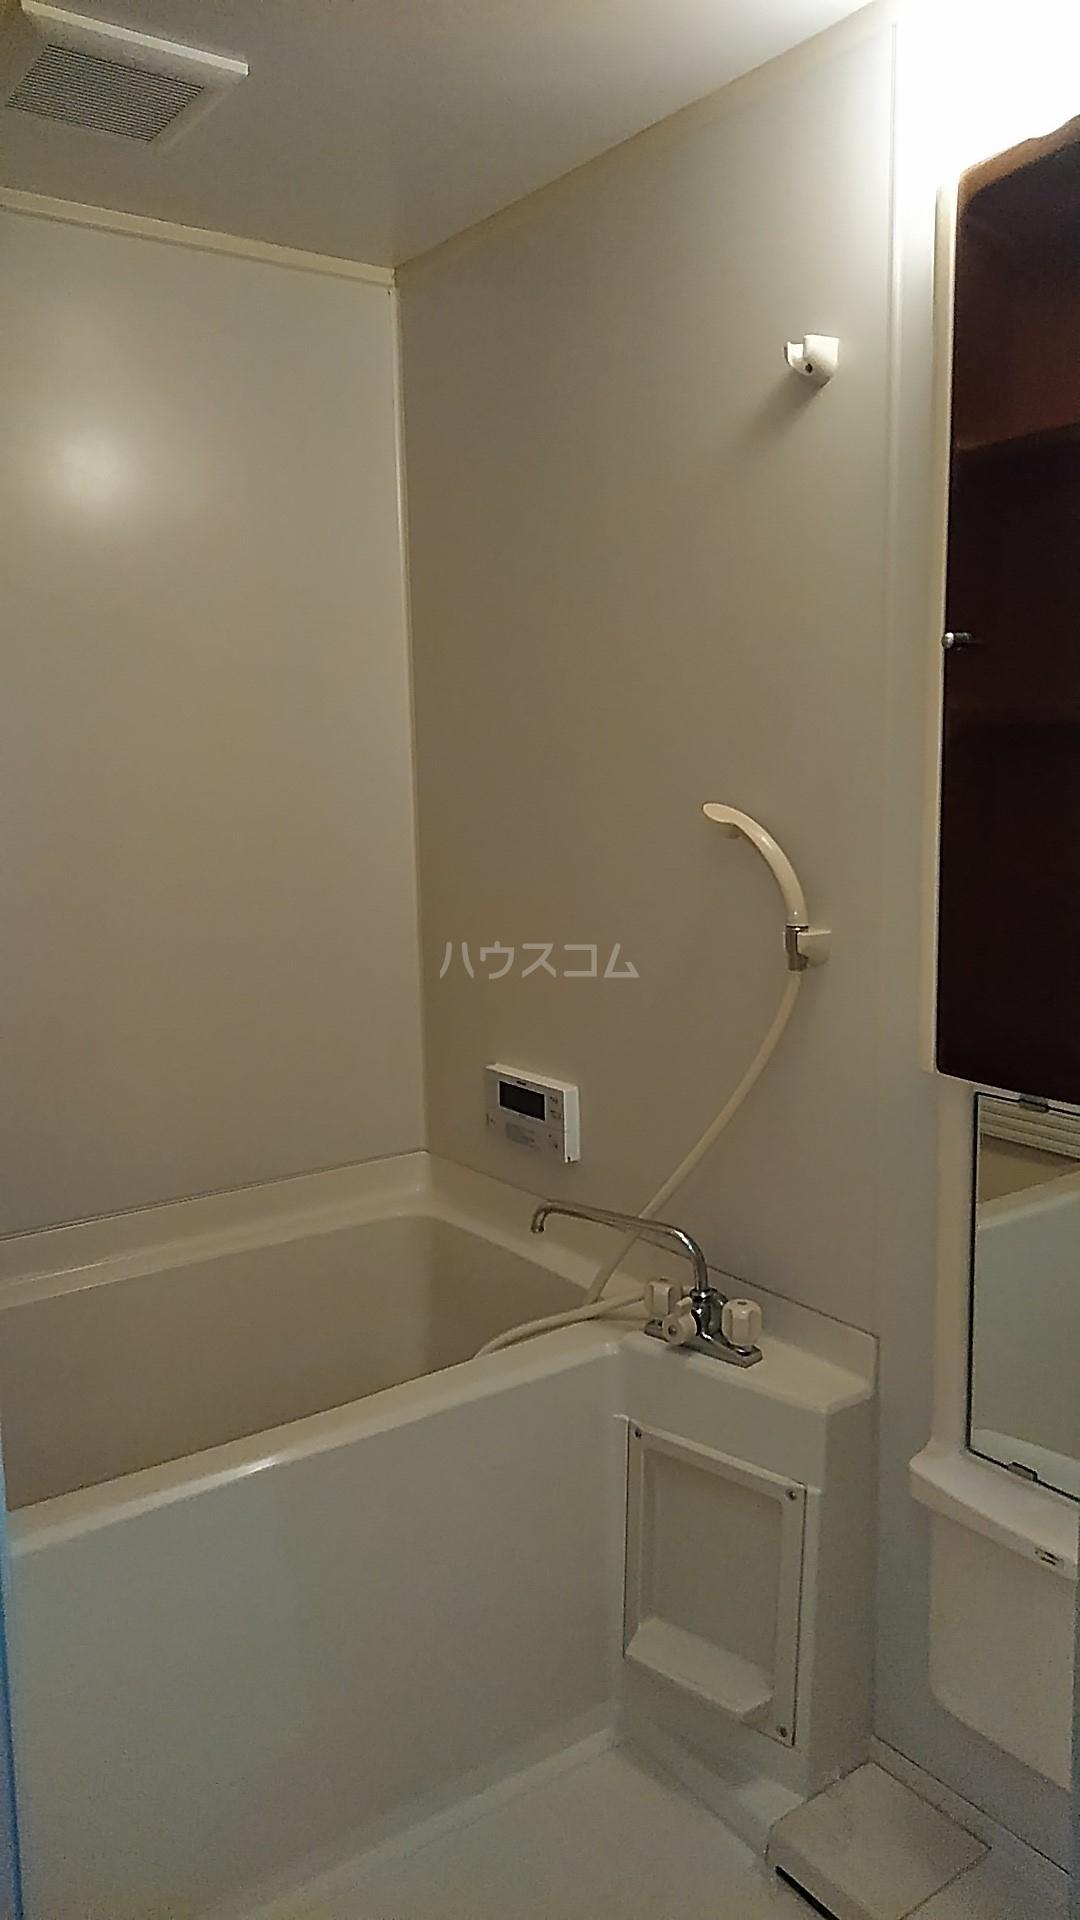 グランデ・パゾ 506号室の風呂